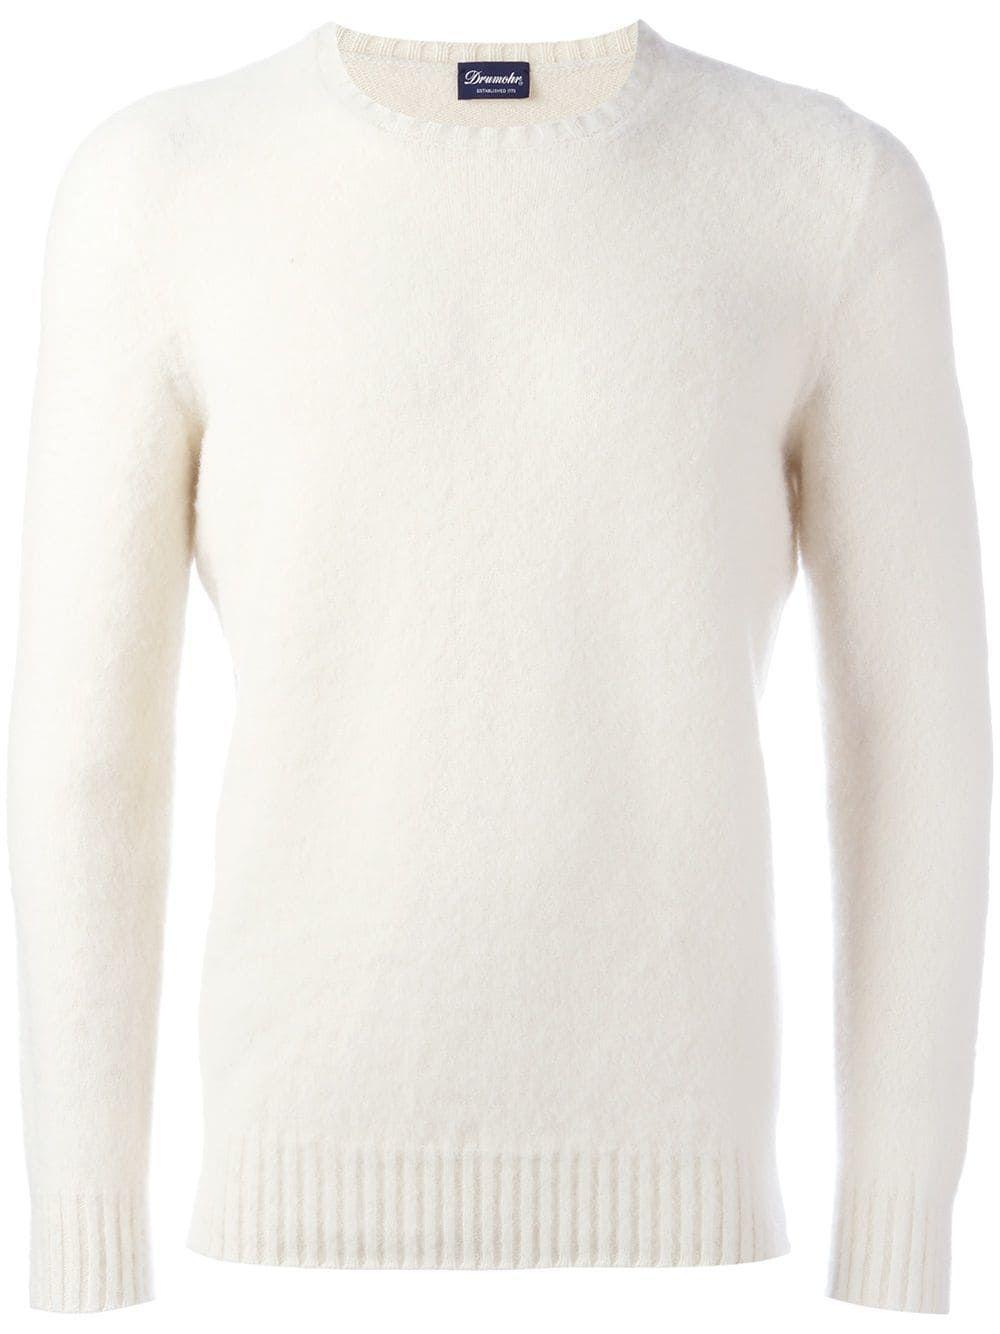 8ba5d6d9bb3d1d DRUMOHR DRUMOHR CREW NECK JUMPER - WHITE. #drumohr #cloth ...